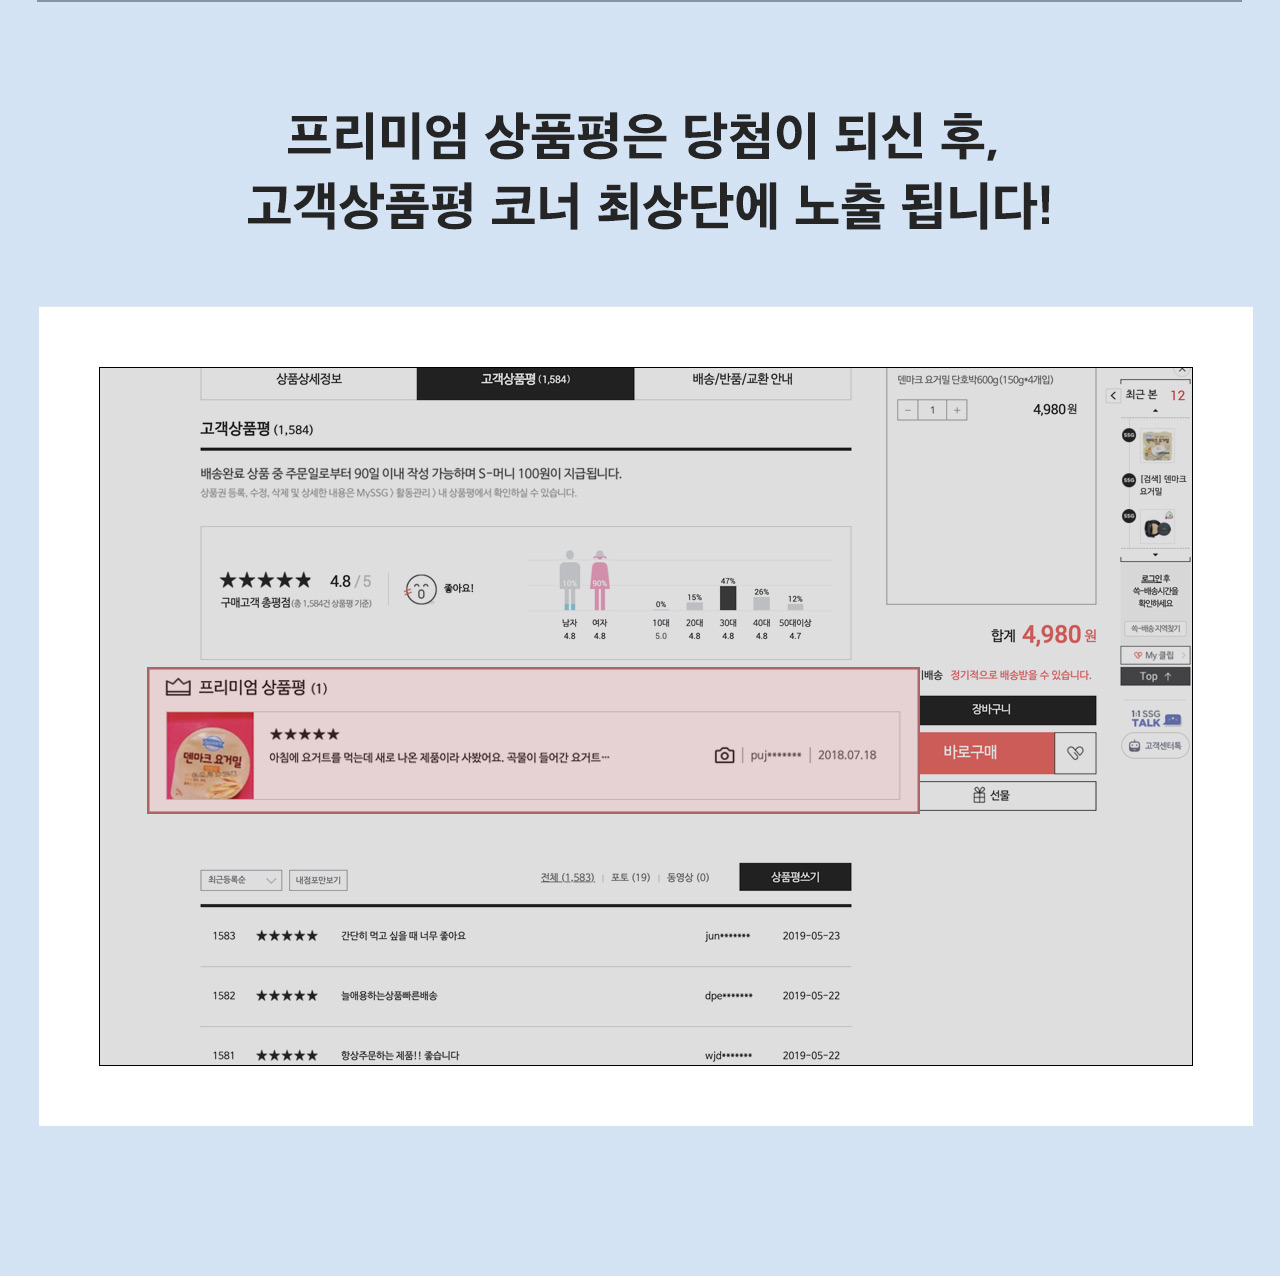 프리미엄 상품평은 당첨이 되신 후, 고객 상품평 코너 최상단에 노출 됩니다!